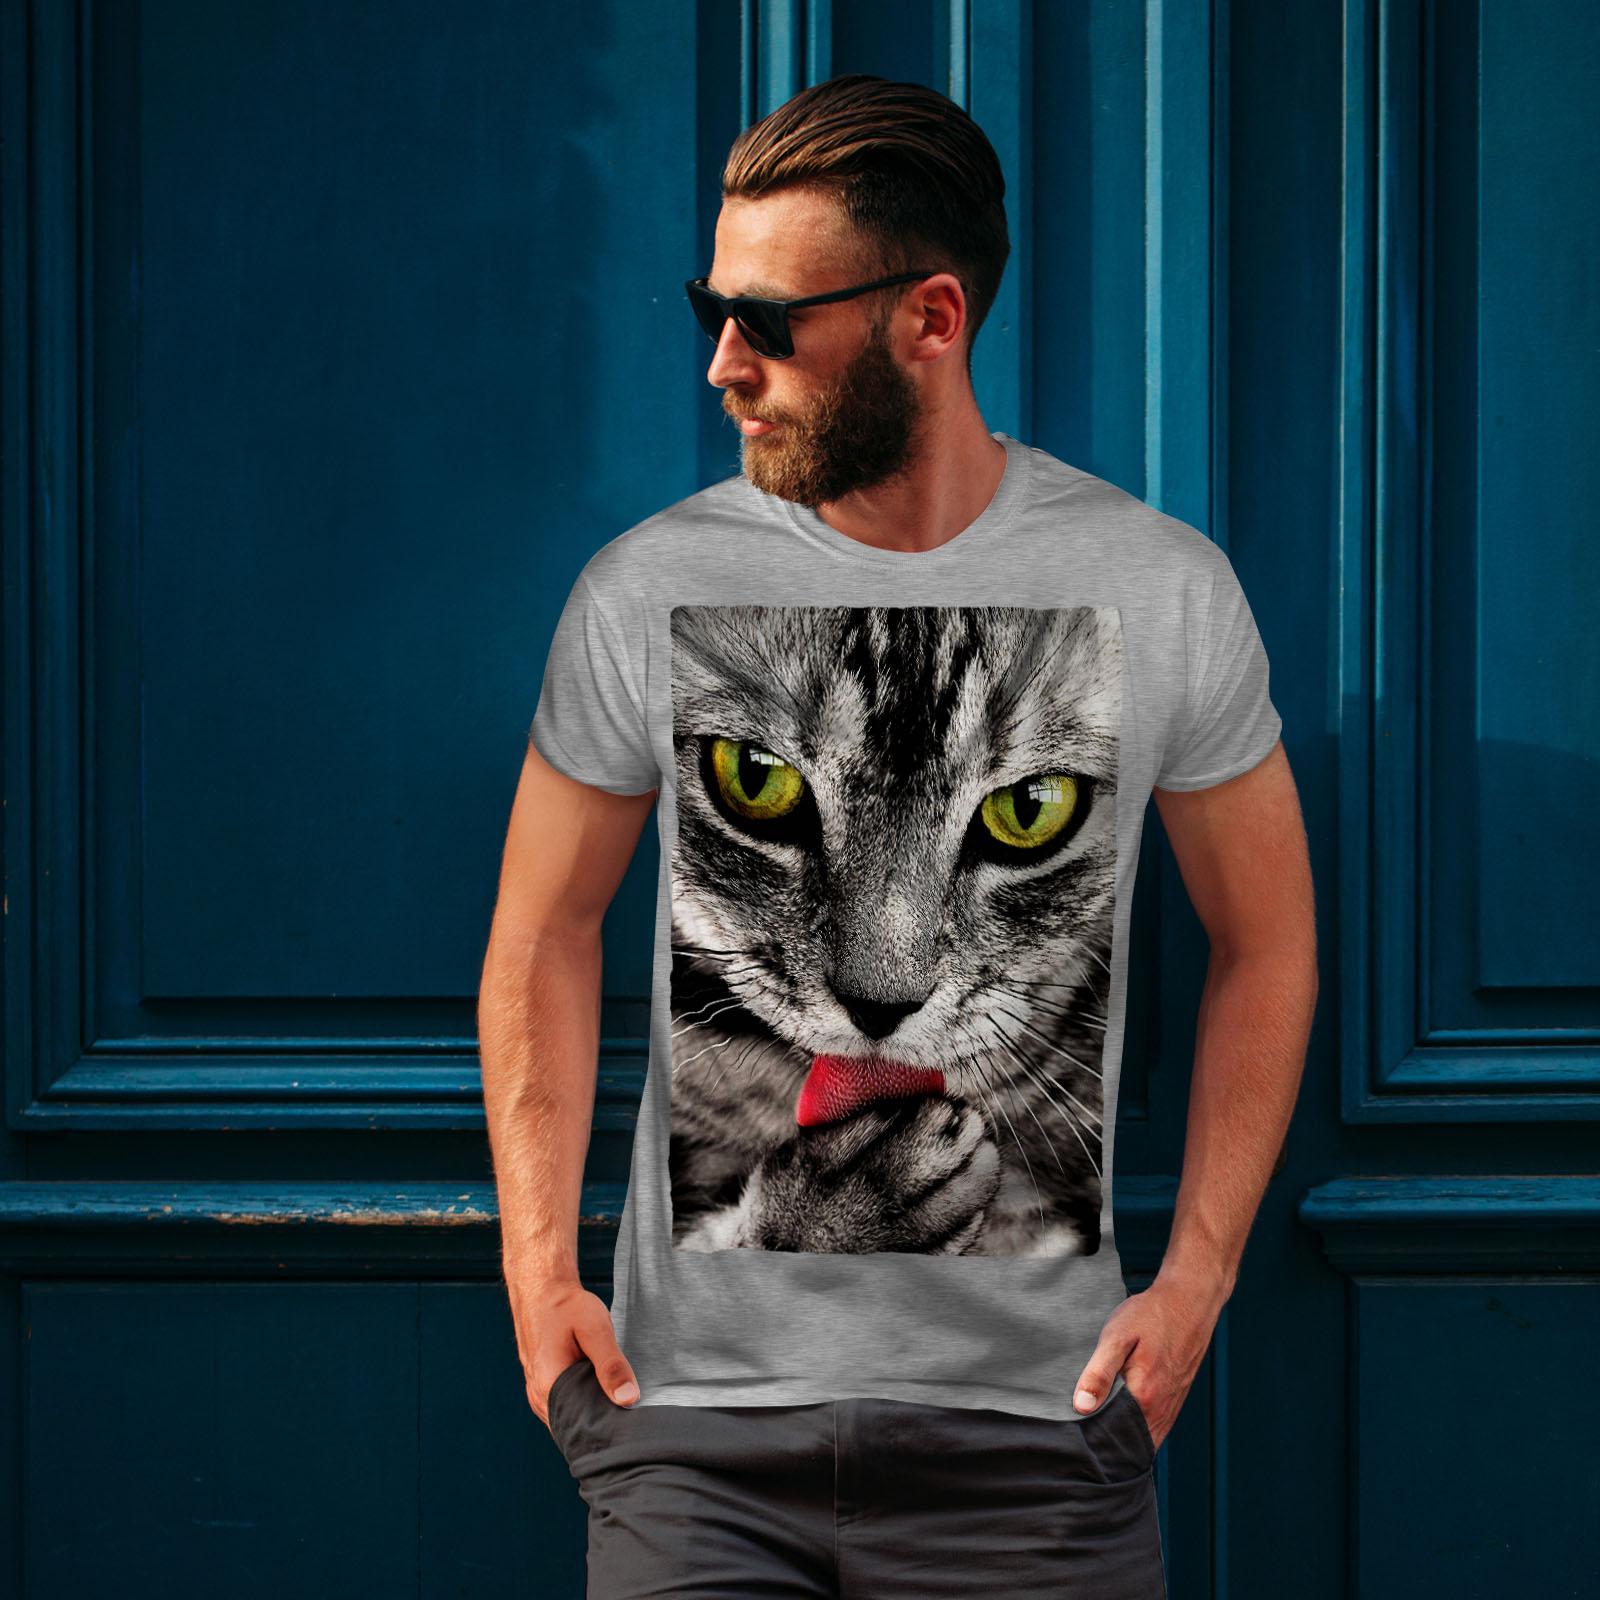 Wellcoda Chat conception lèche patte Mignon Animal T-shirt homme, Mignon conception Chat graphique imprimé Tee 46d74a